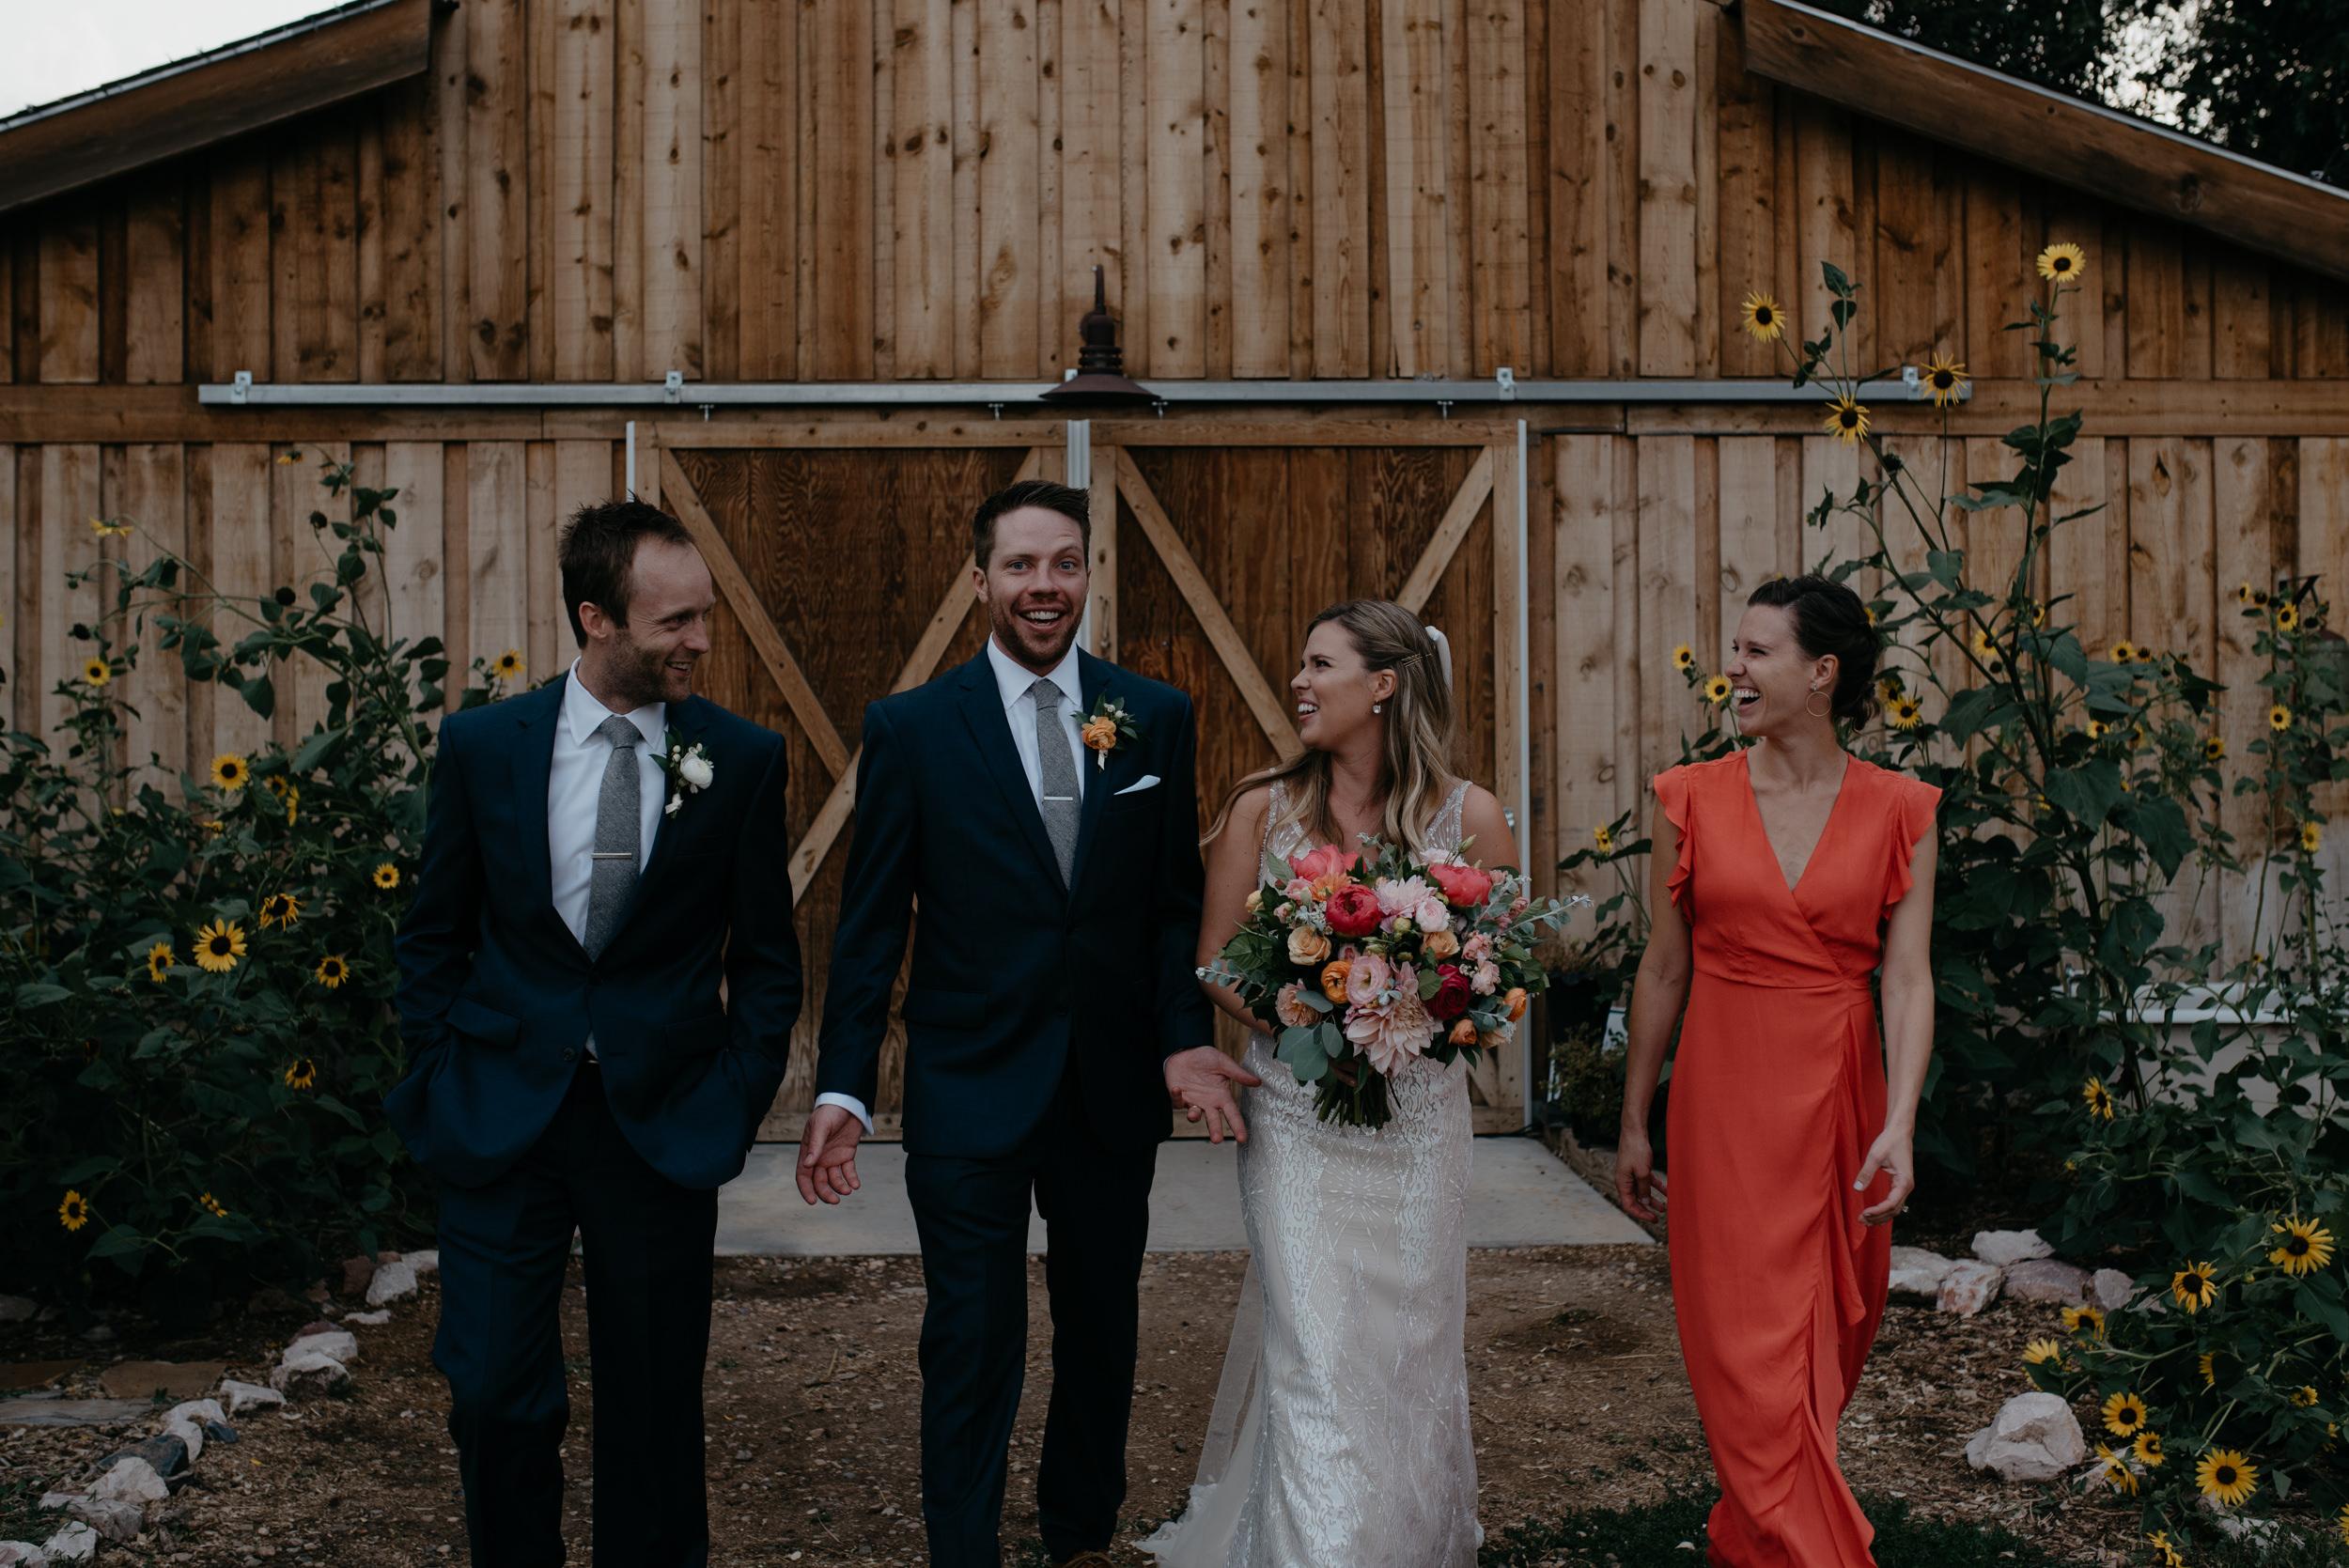 Wedding party photos at Boulder wedding. Colorado wedding photographer.